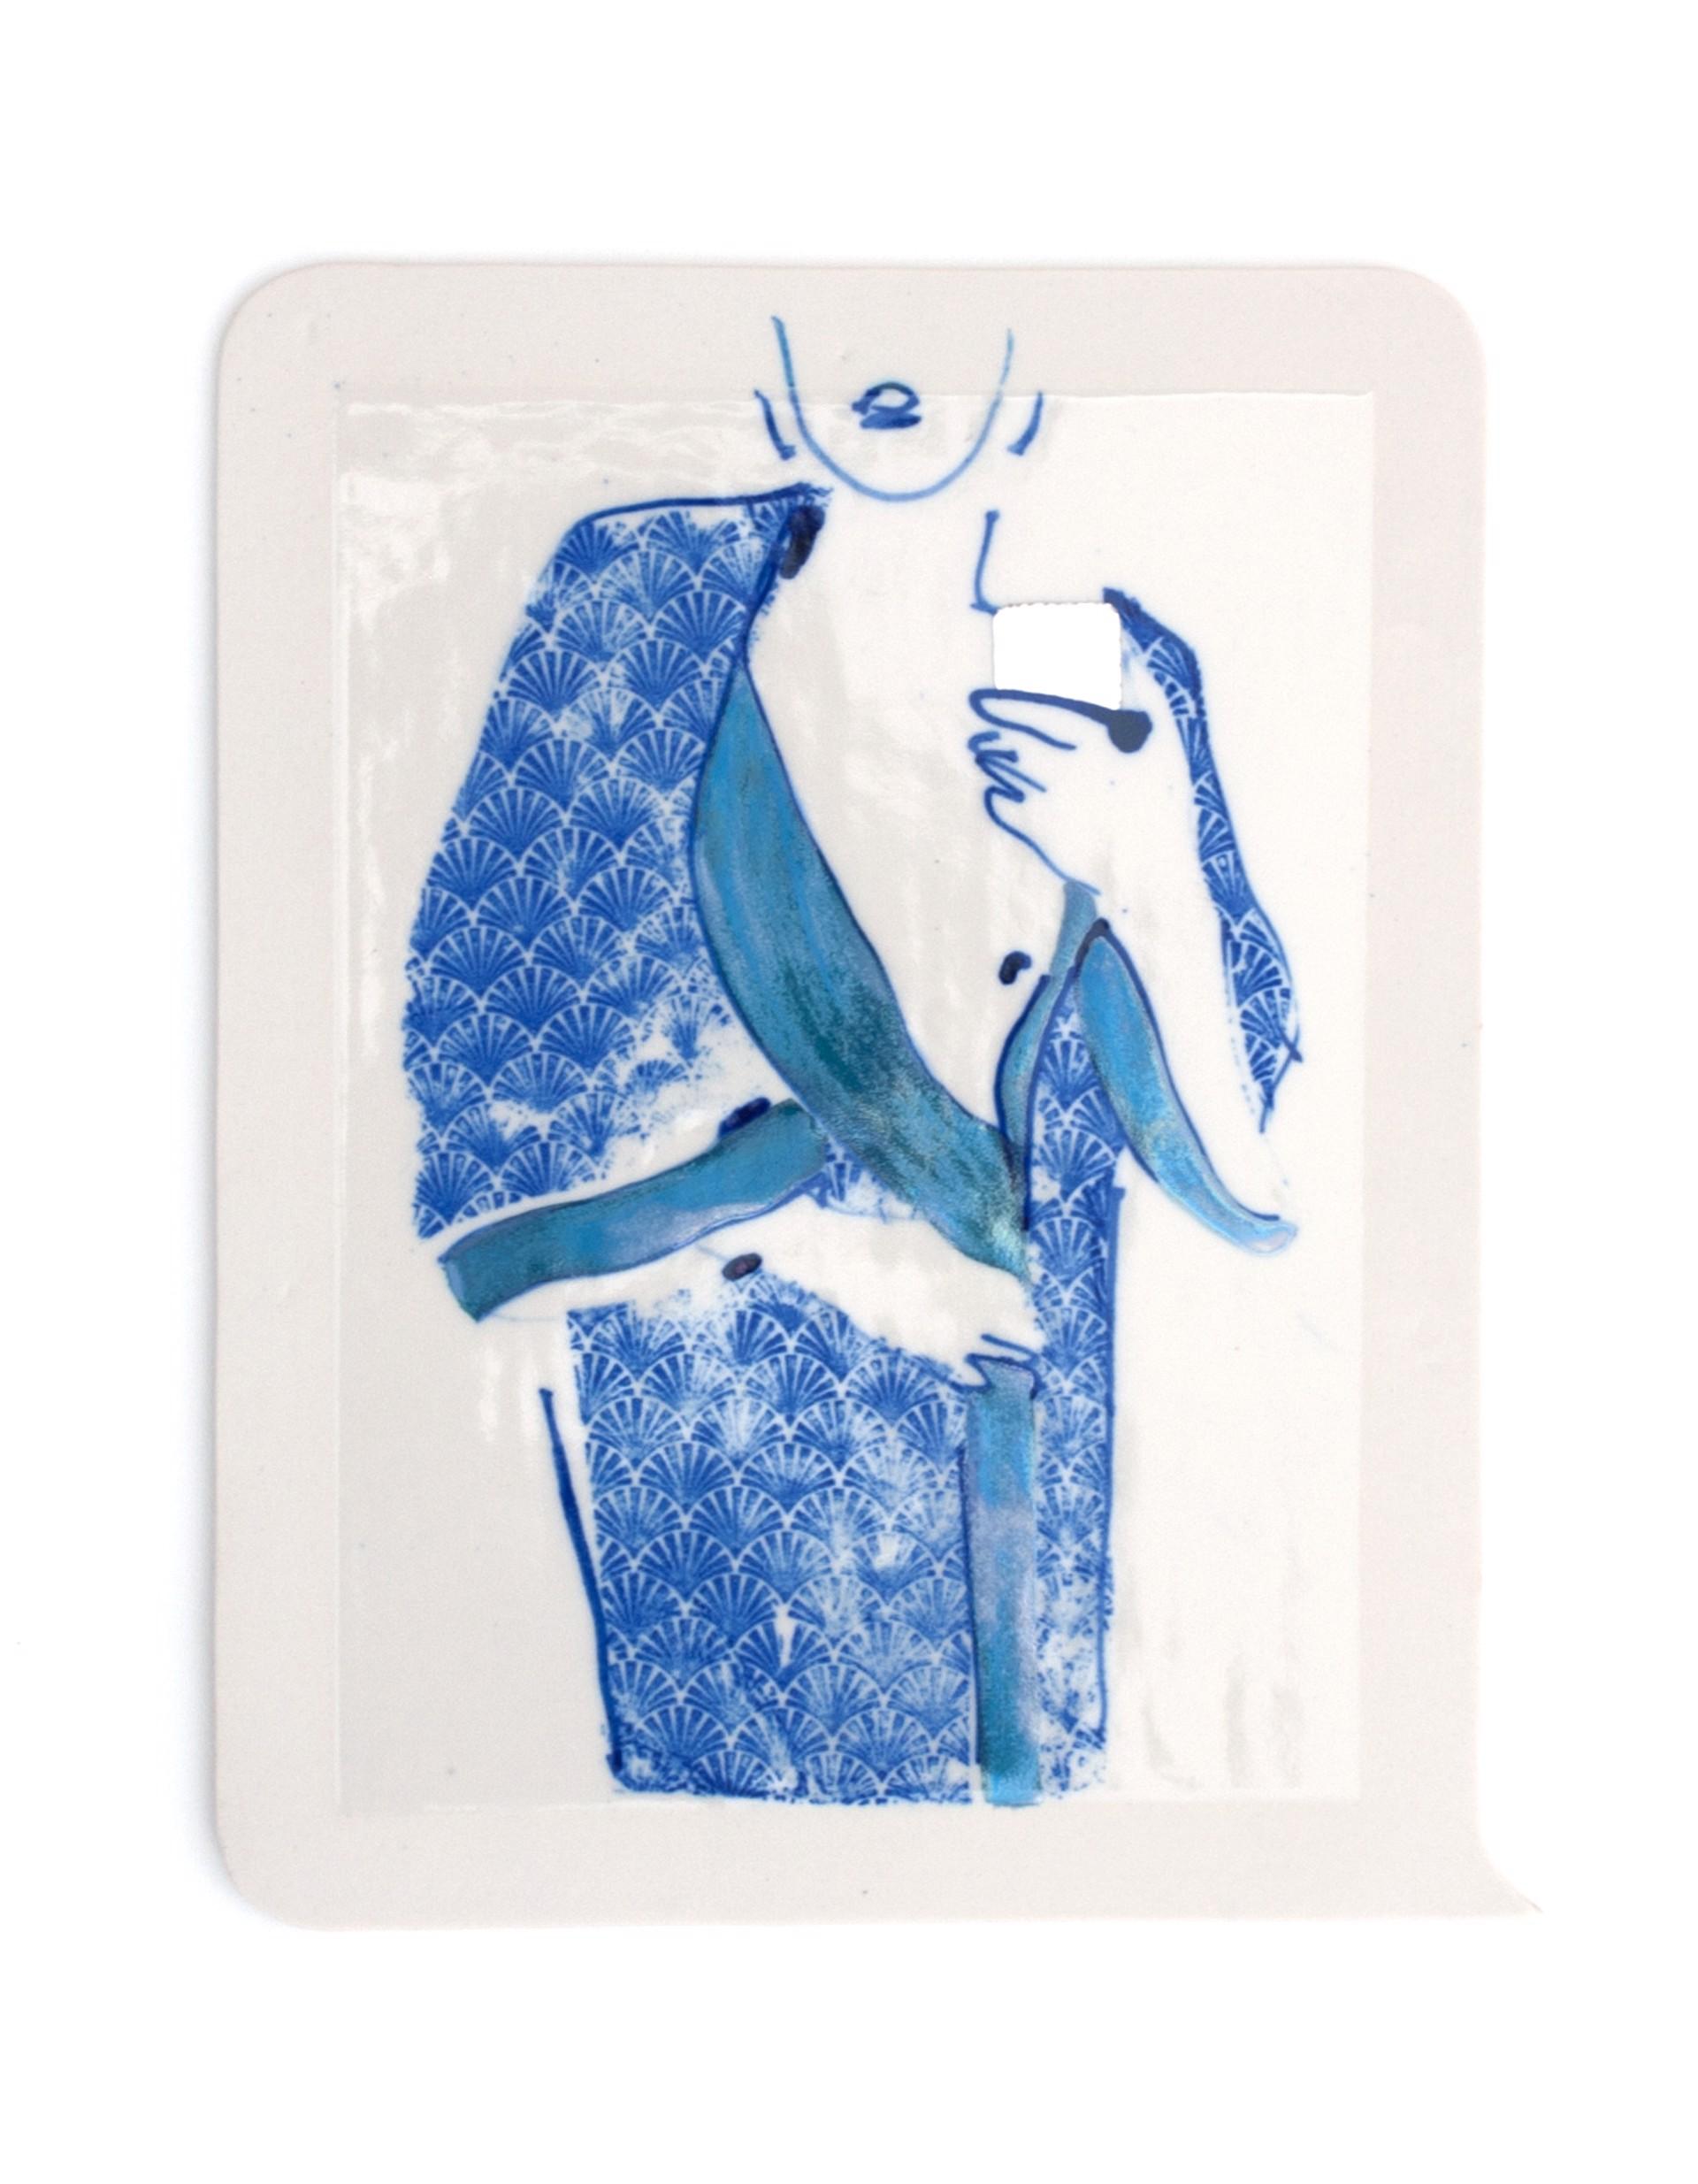 Sent: Kimono by Adam Chau